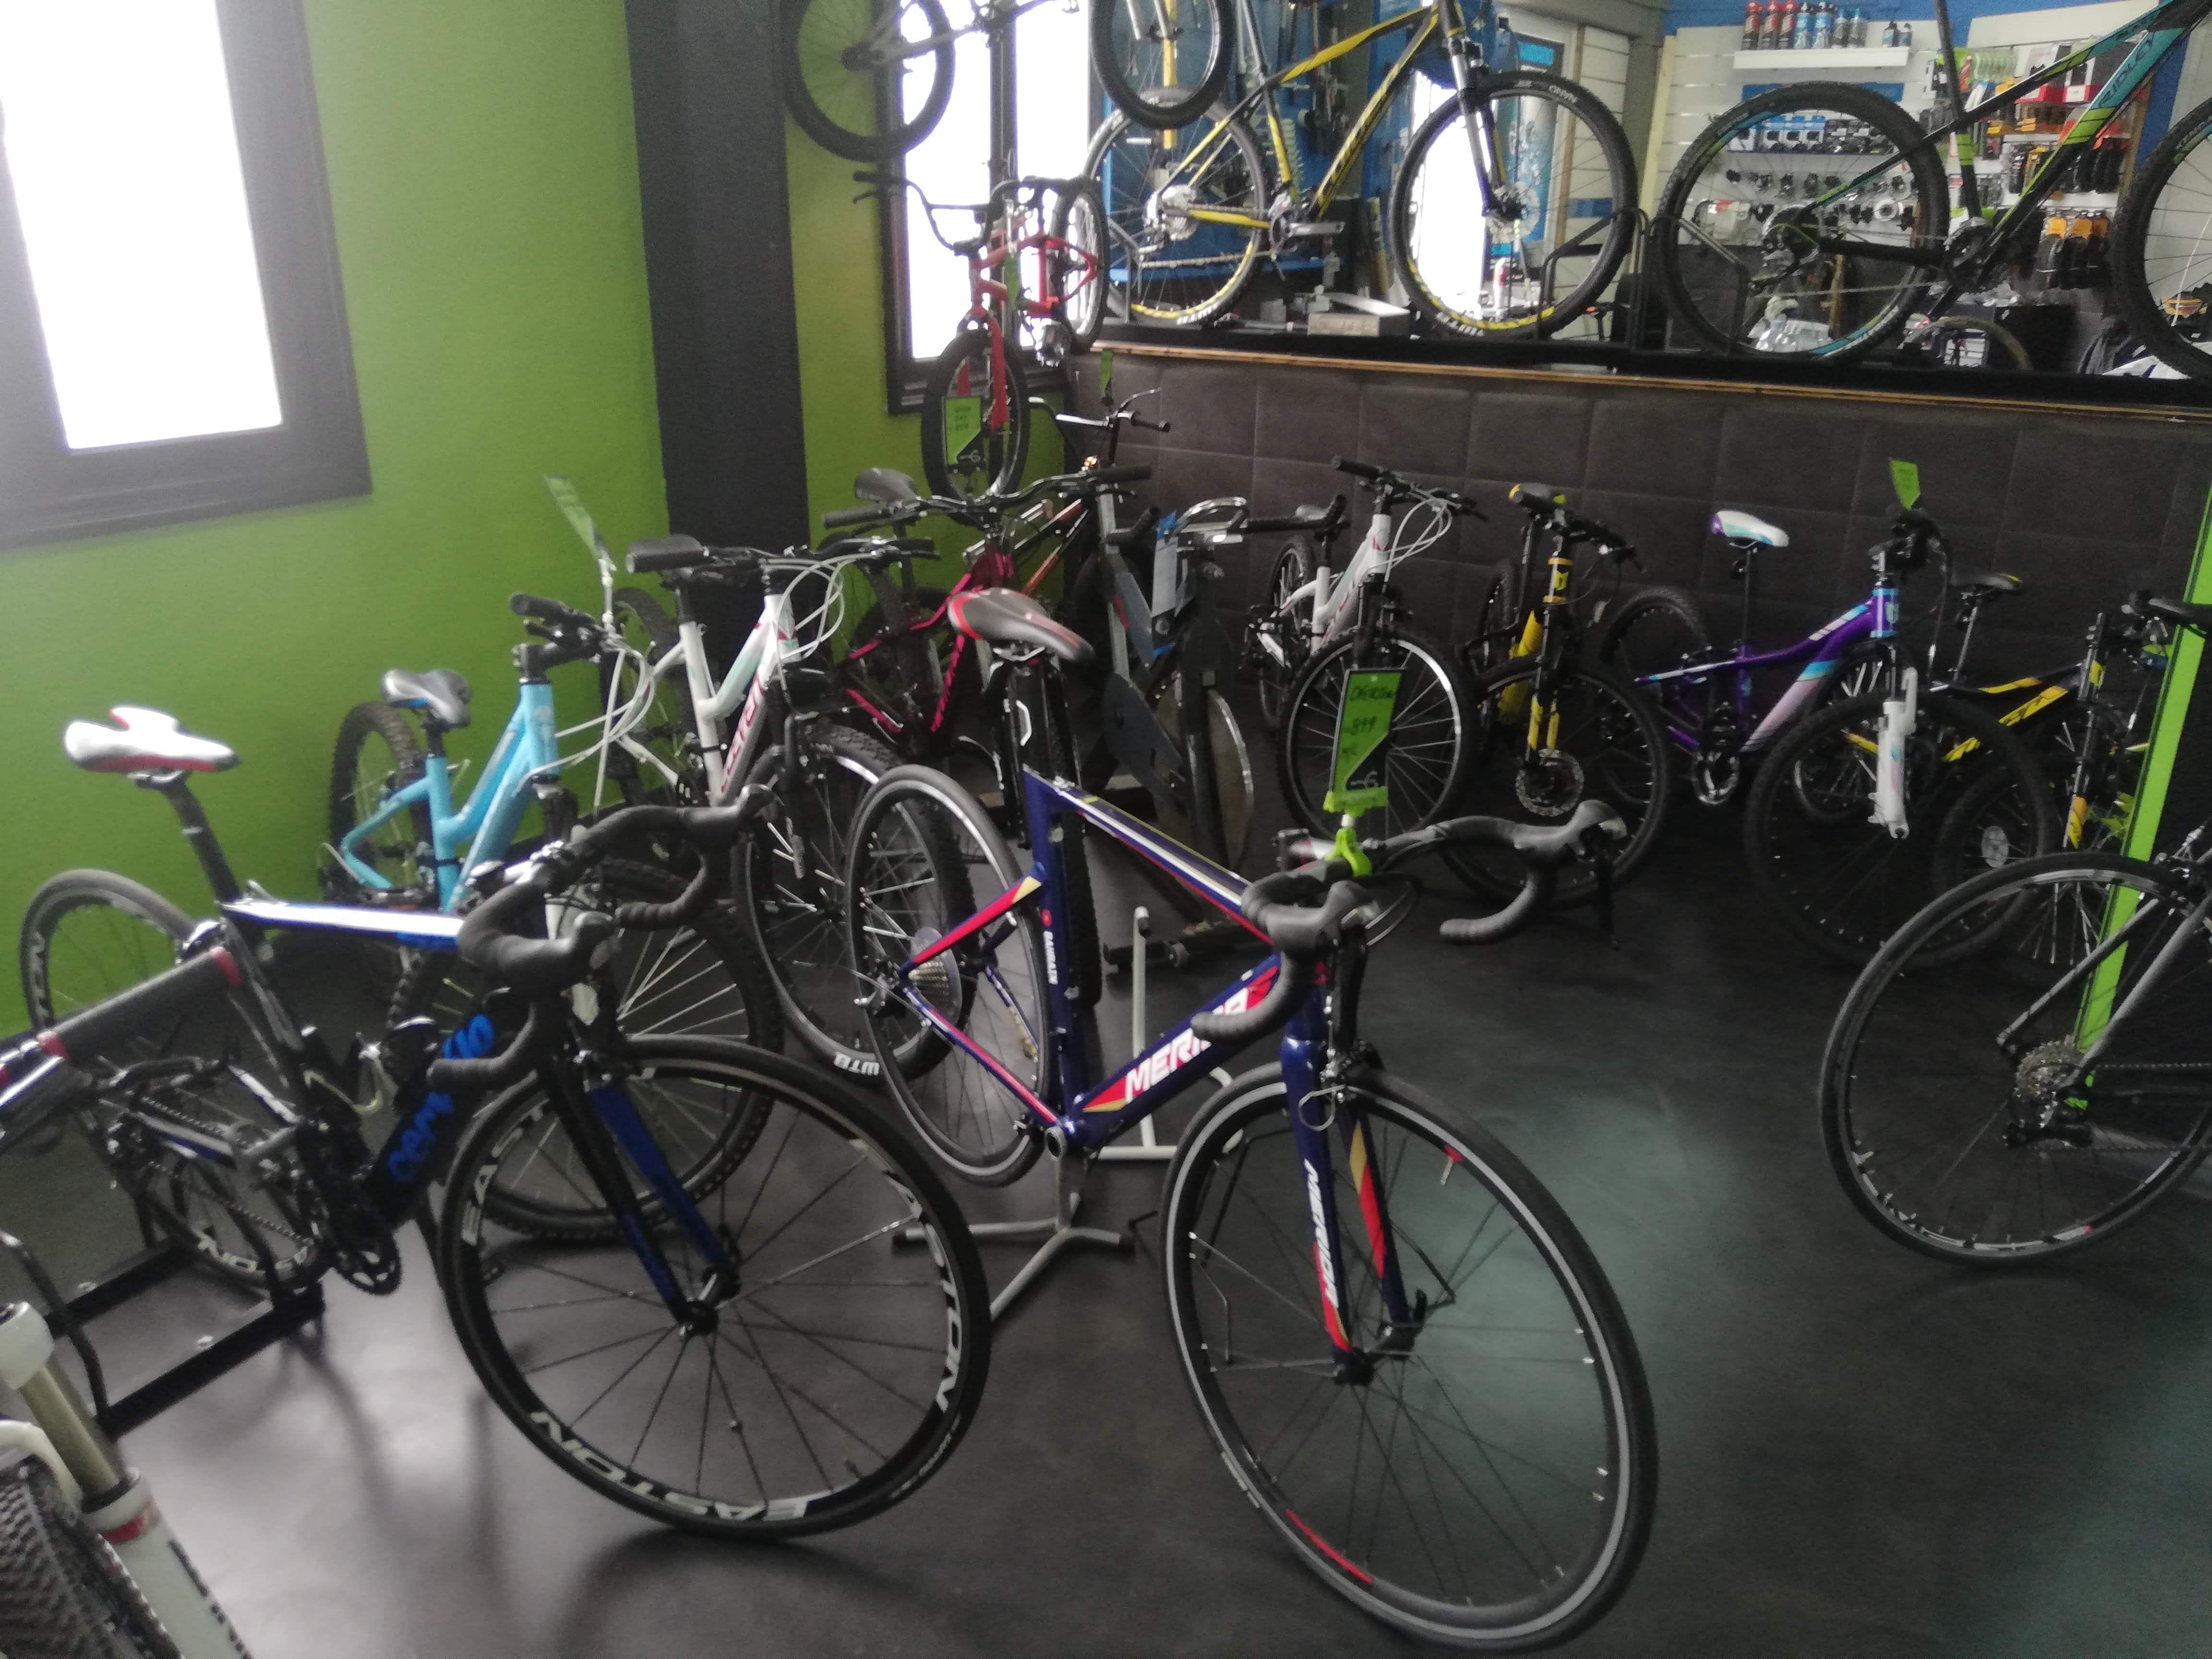 Taller de reparacion de bicicletas Tenerife